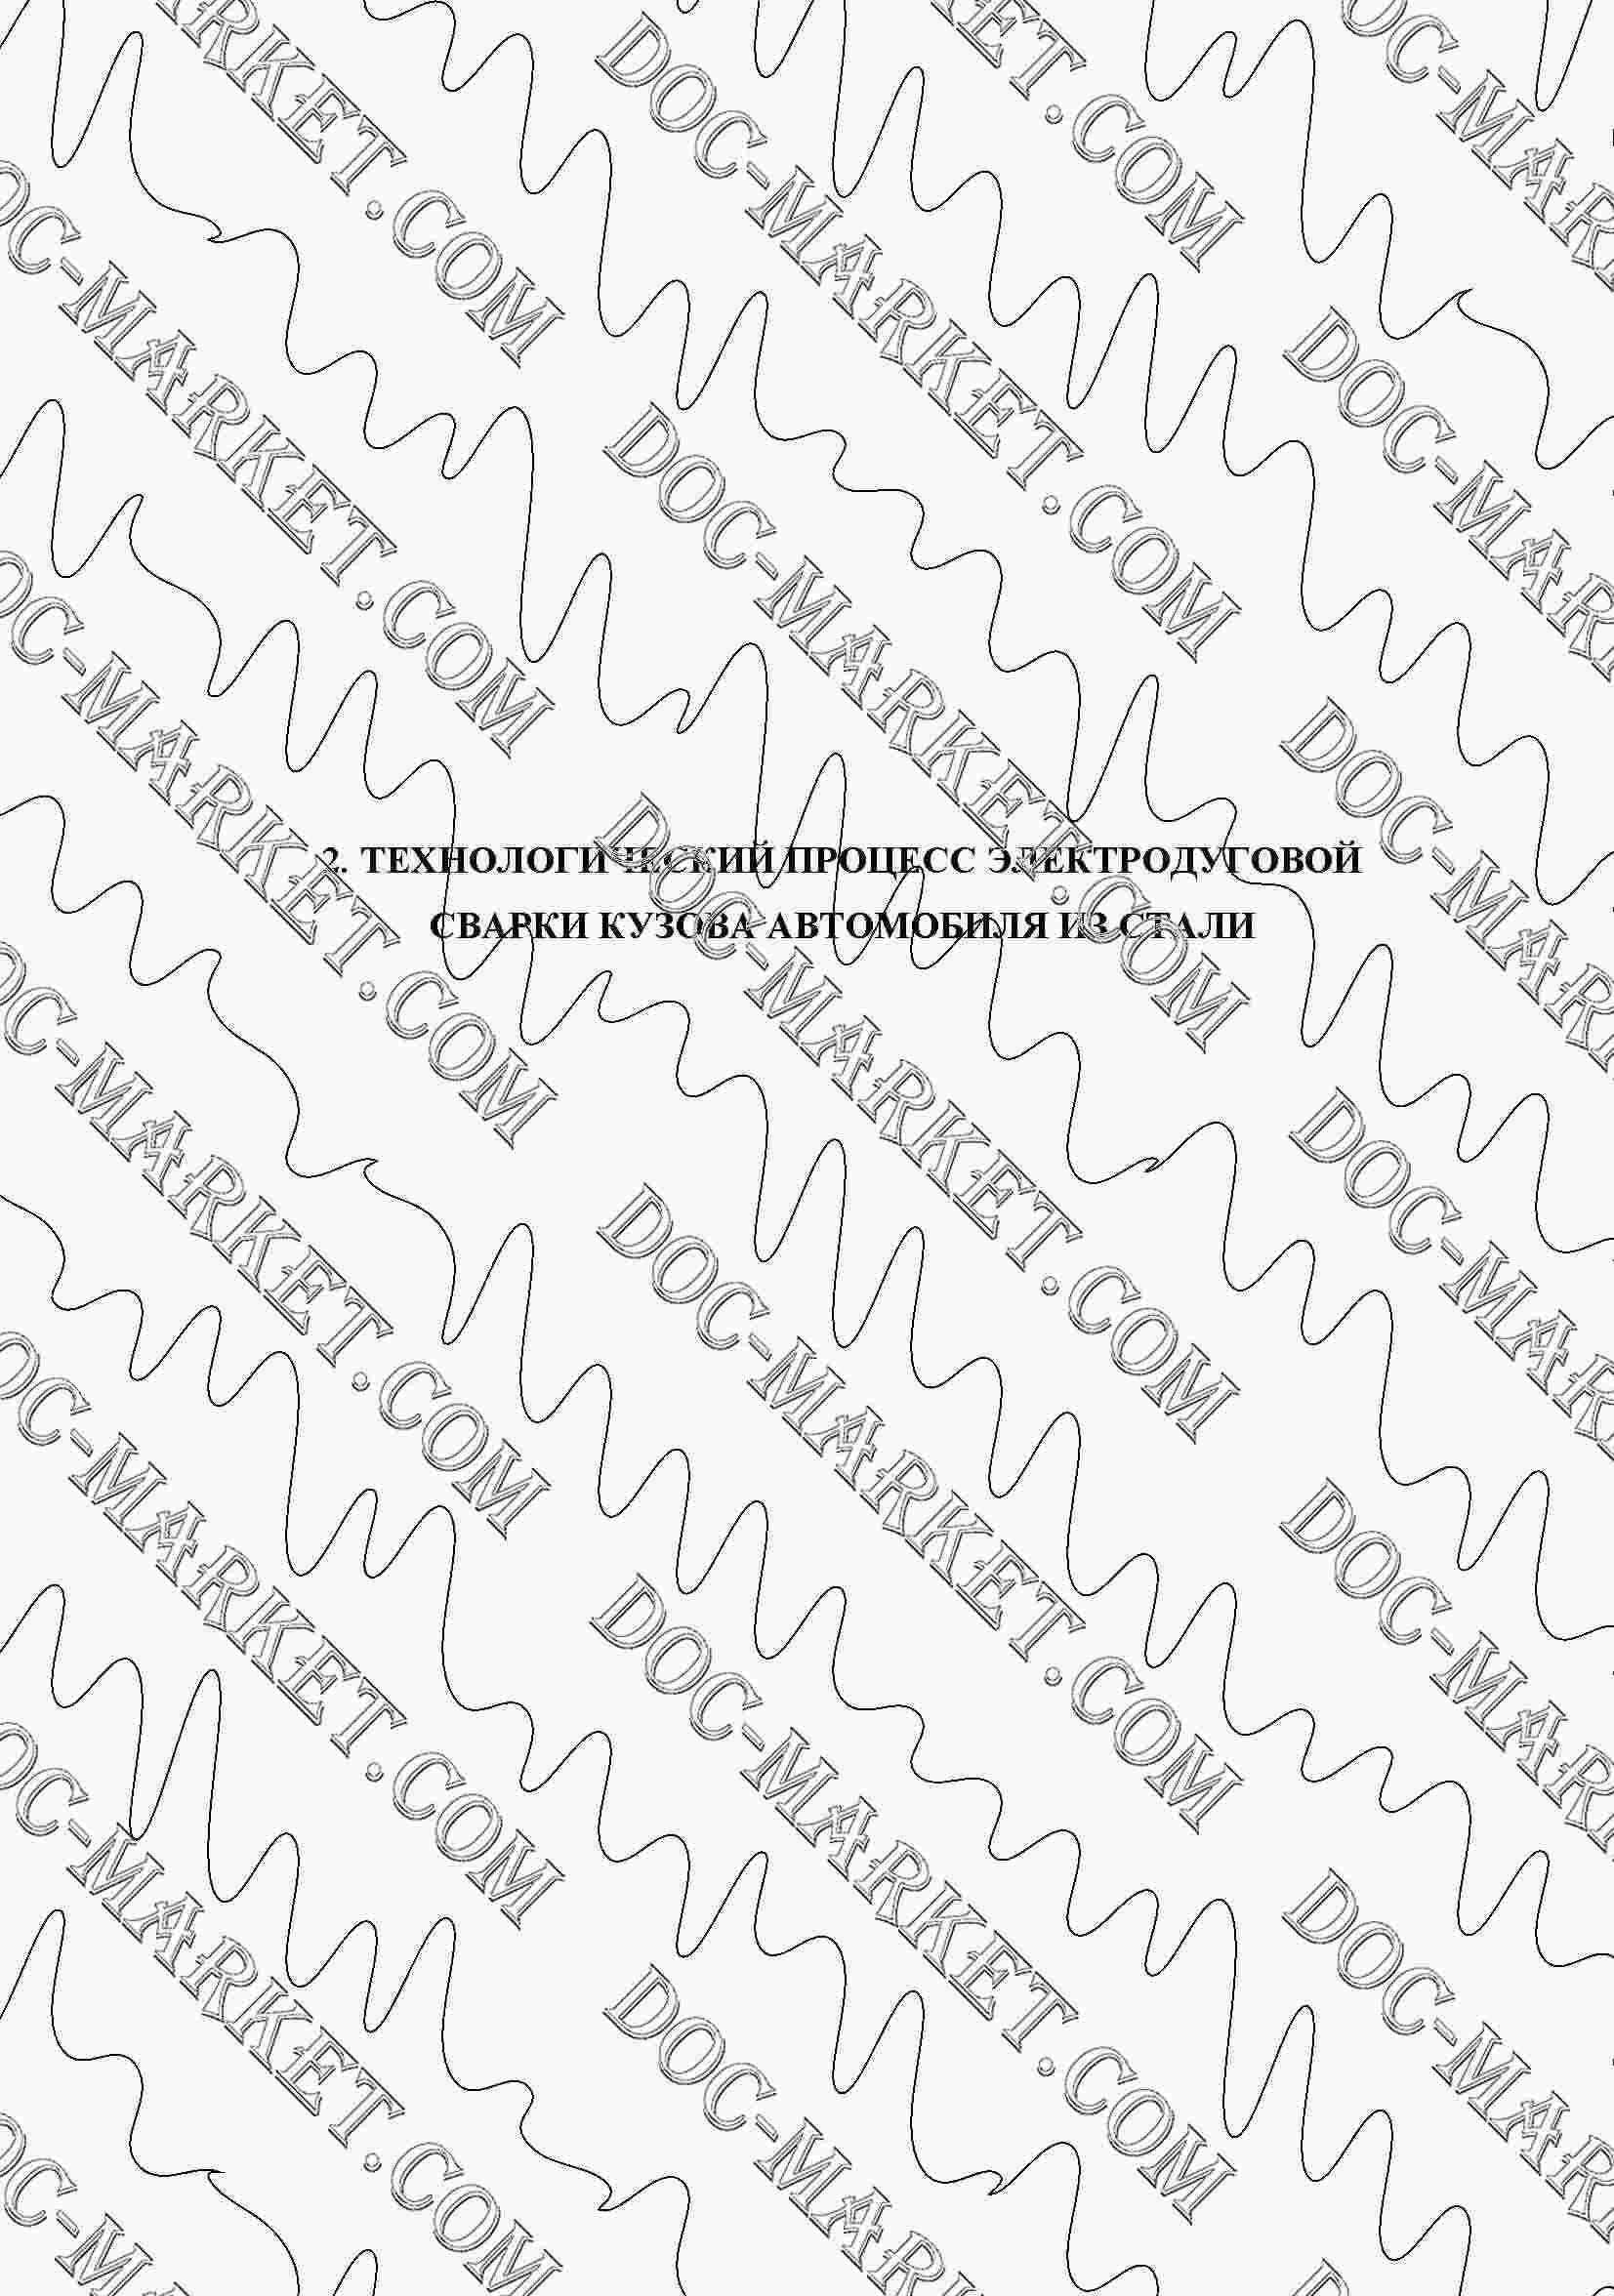 Дипломная работа электрогазосварка посмотреть диплом по  Электрододержатели ГОСТ 14651 78 один из основных инструментов сварщика способствуют повышению производительности и качества сварки